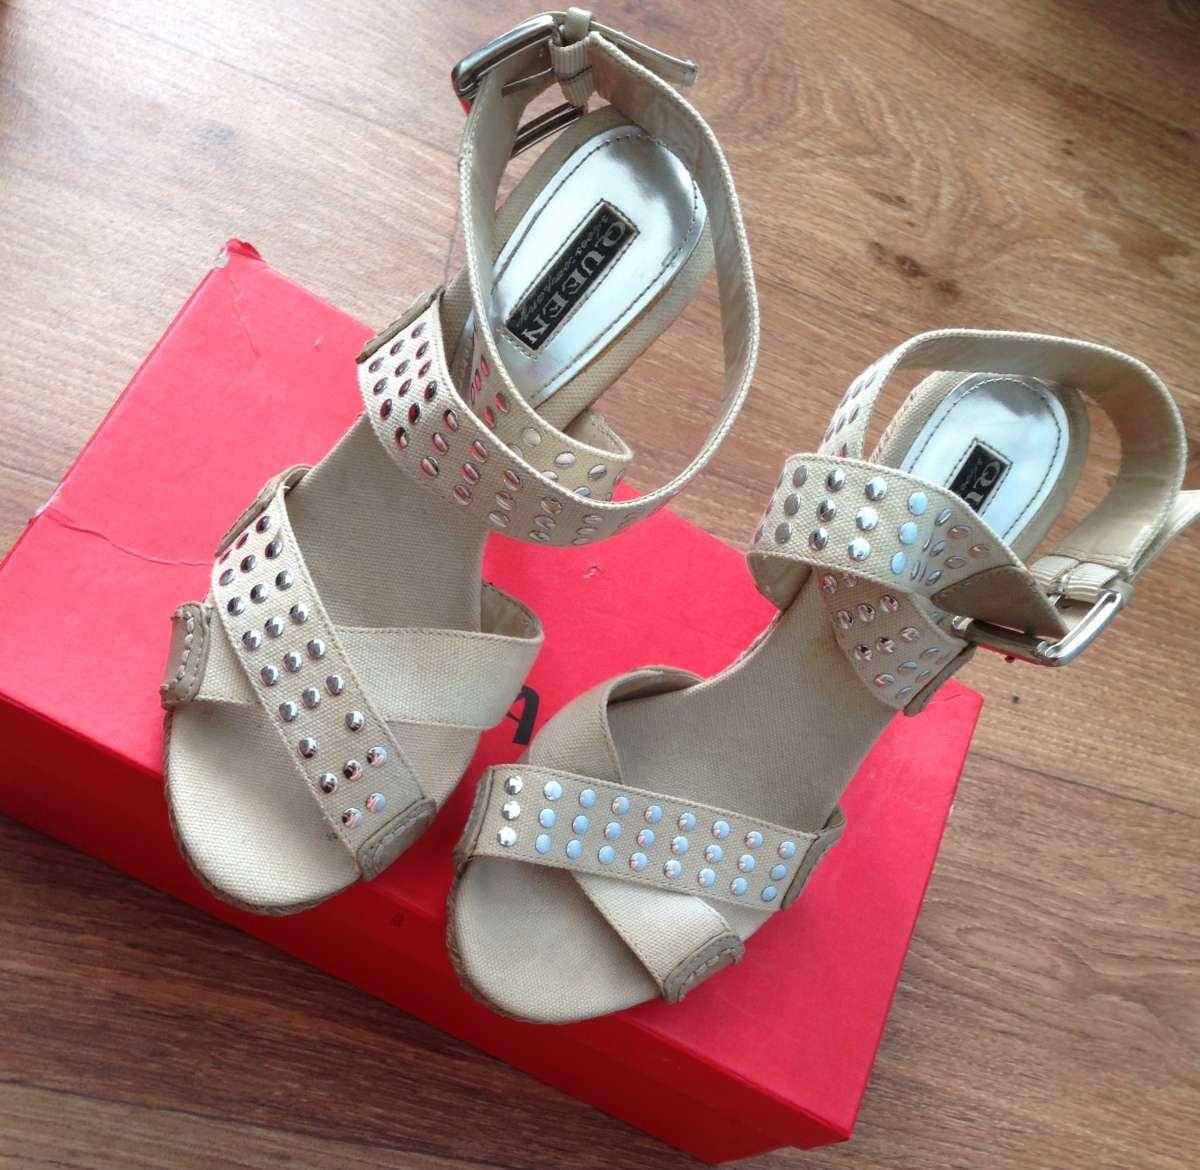 d3cbb301 Босоножки бежевые : 100 грн - Мода и стиль / Одежда/ обувь Одесса на ...